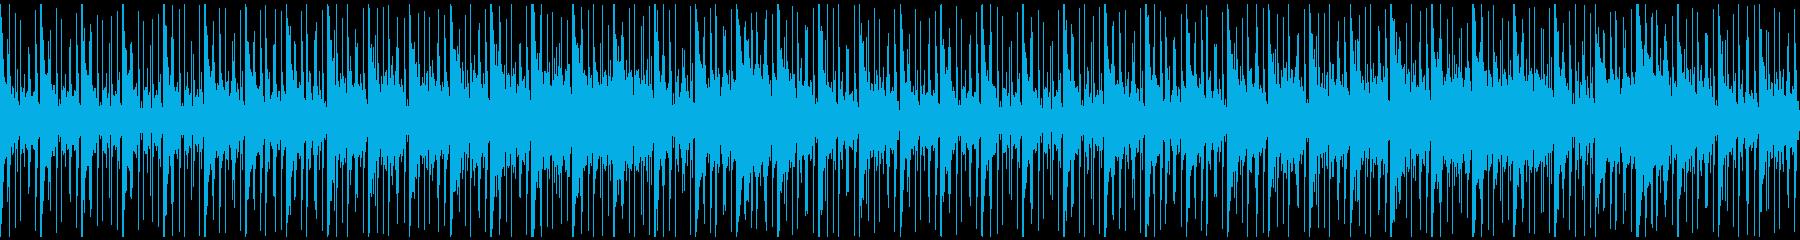 ピアノとノイズ音のヒーリングアンビエントの再生済みの波形